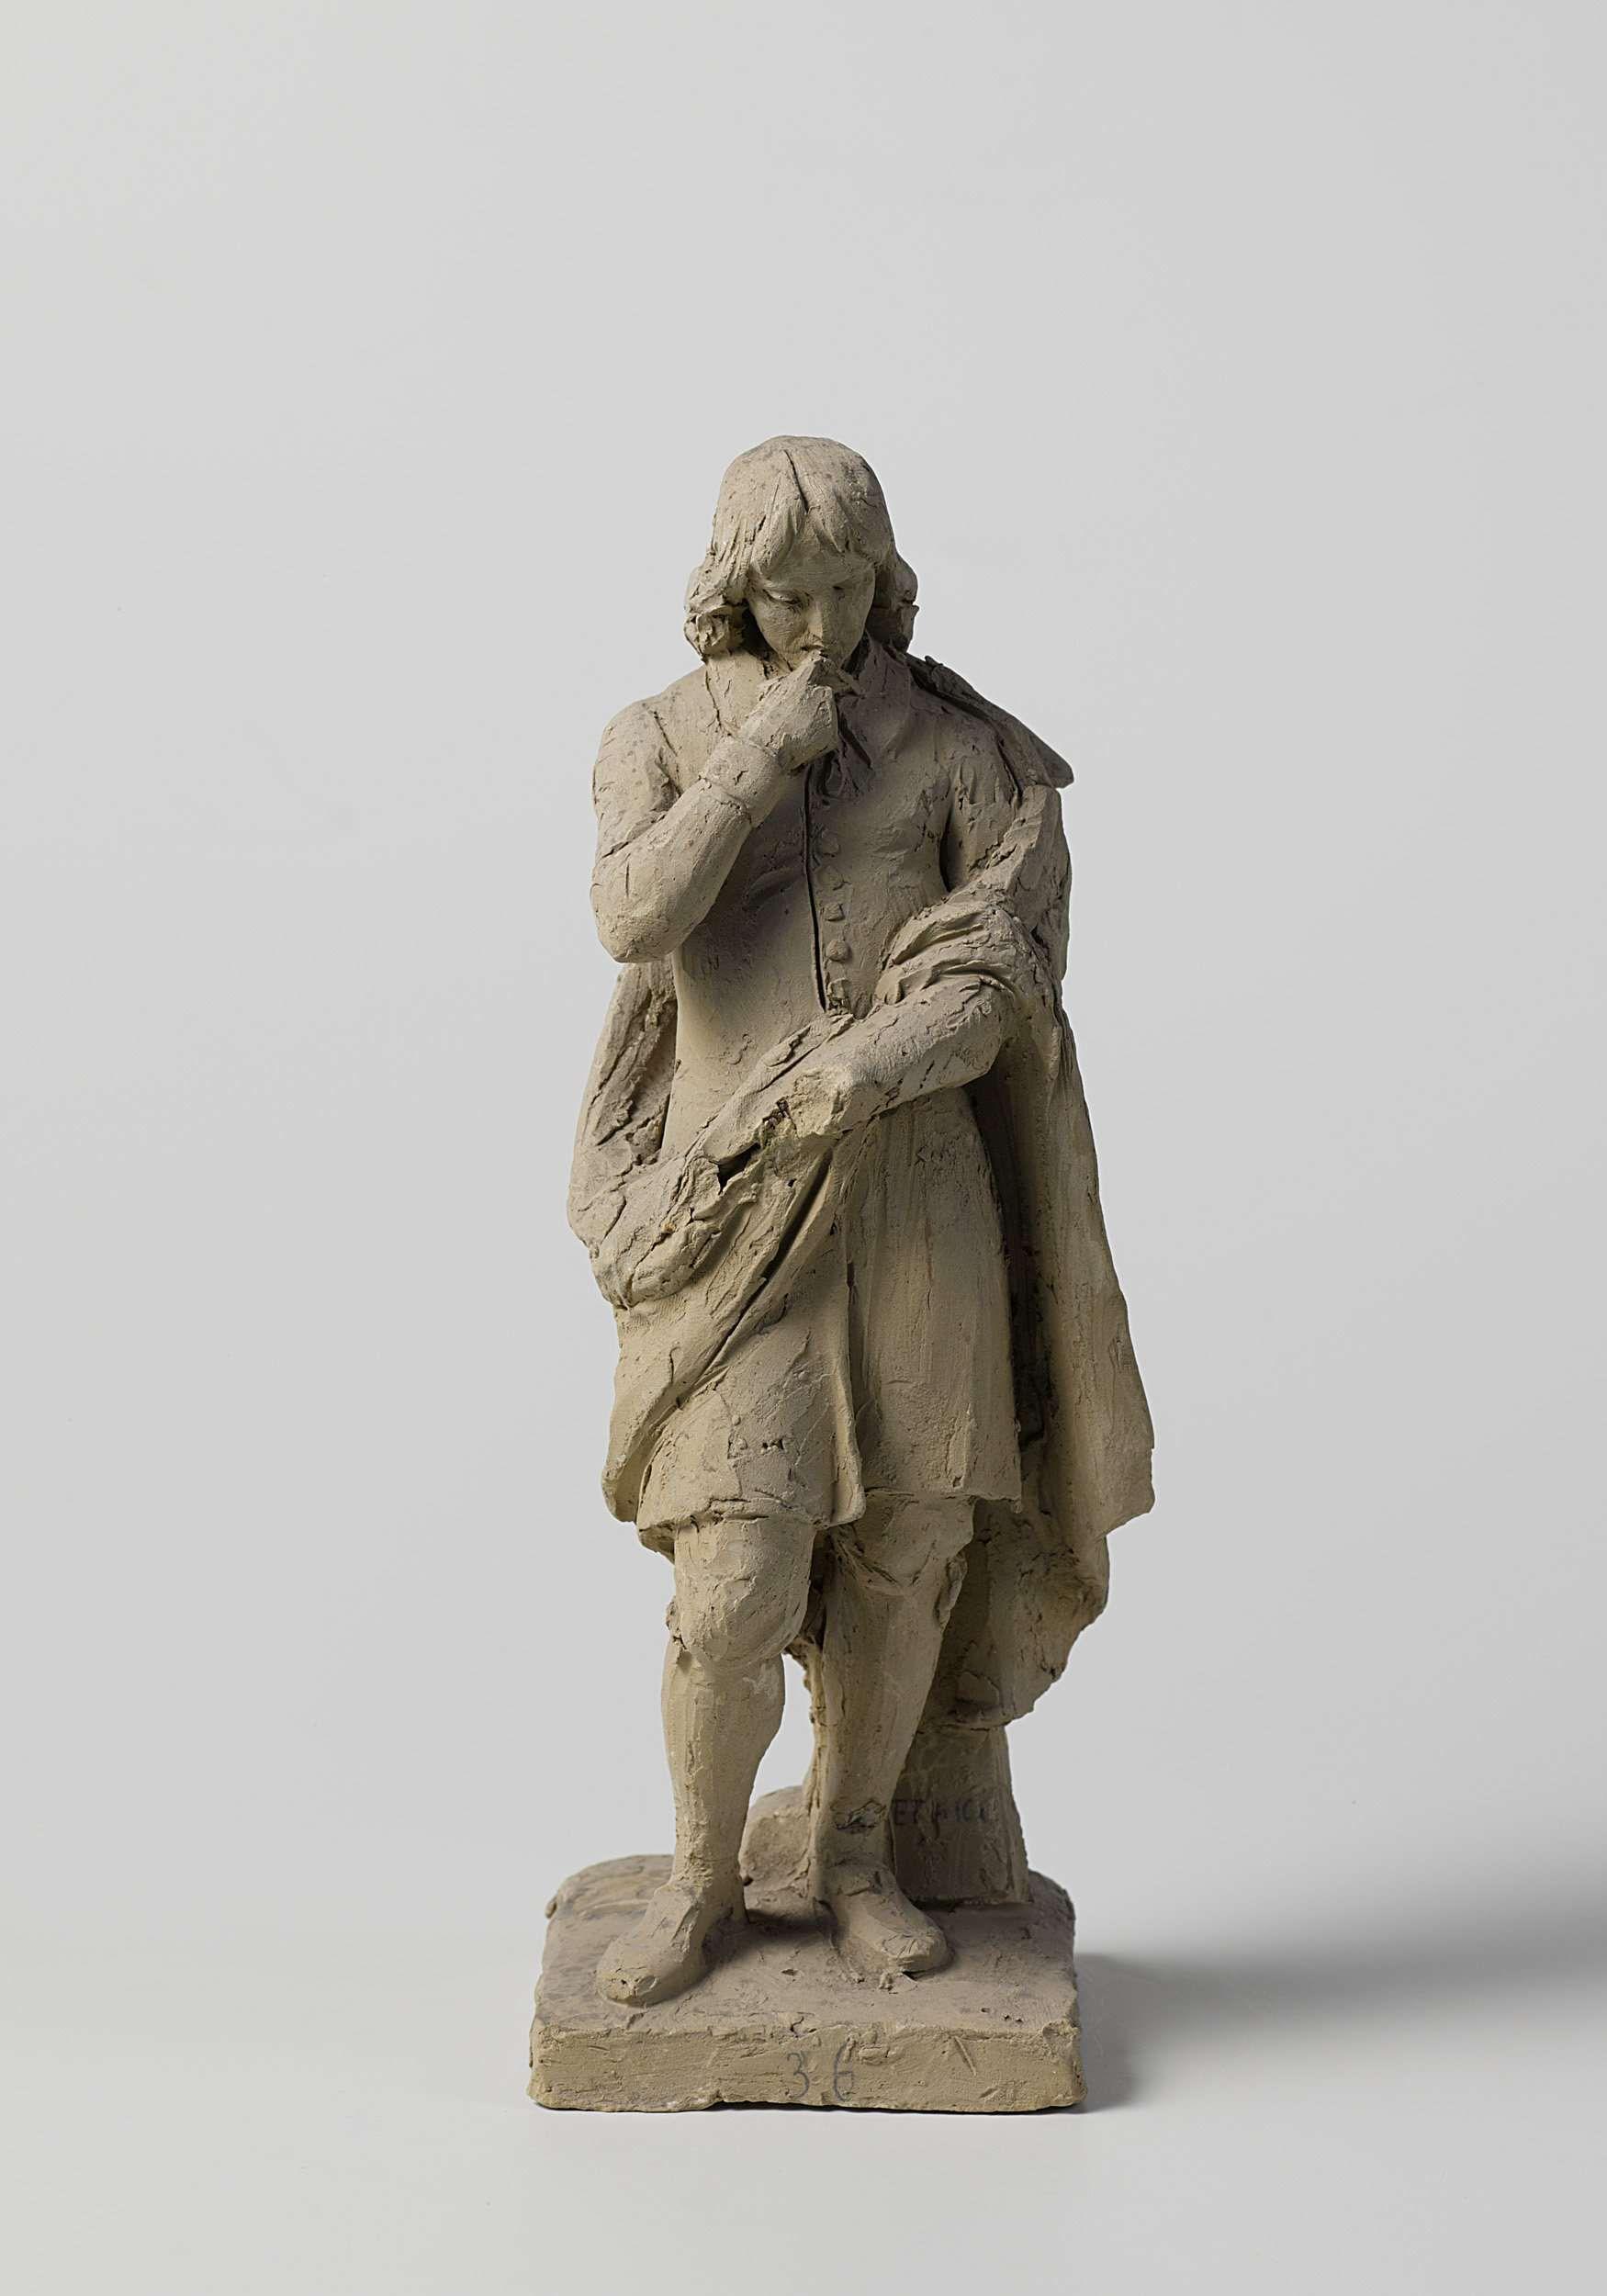 Ontwerp Voor Een Standbeeld Van Spinoza Eugene Lacomble